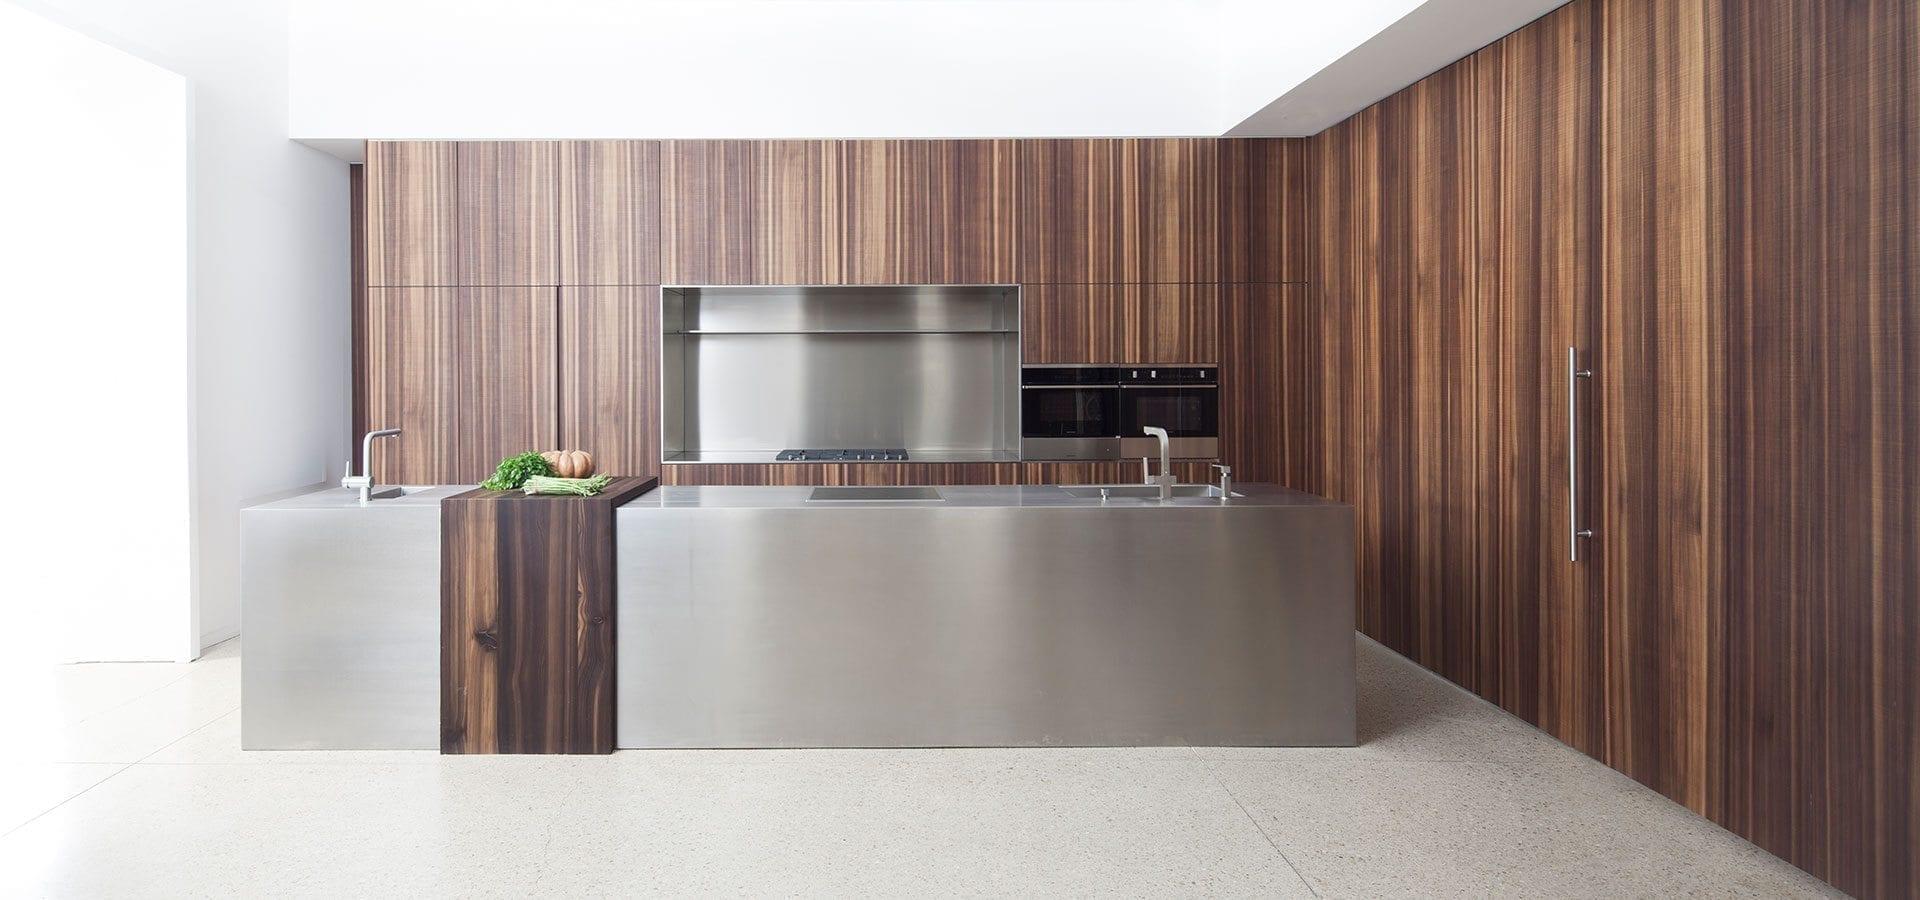 kitchen6_1920x900